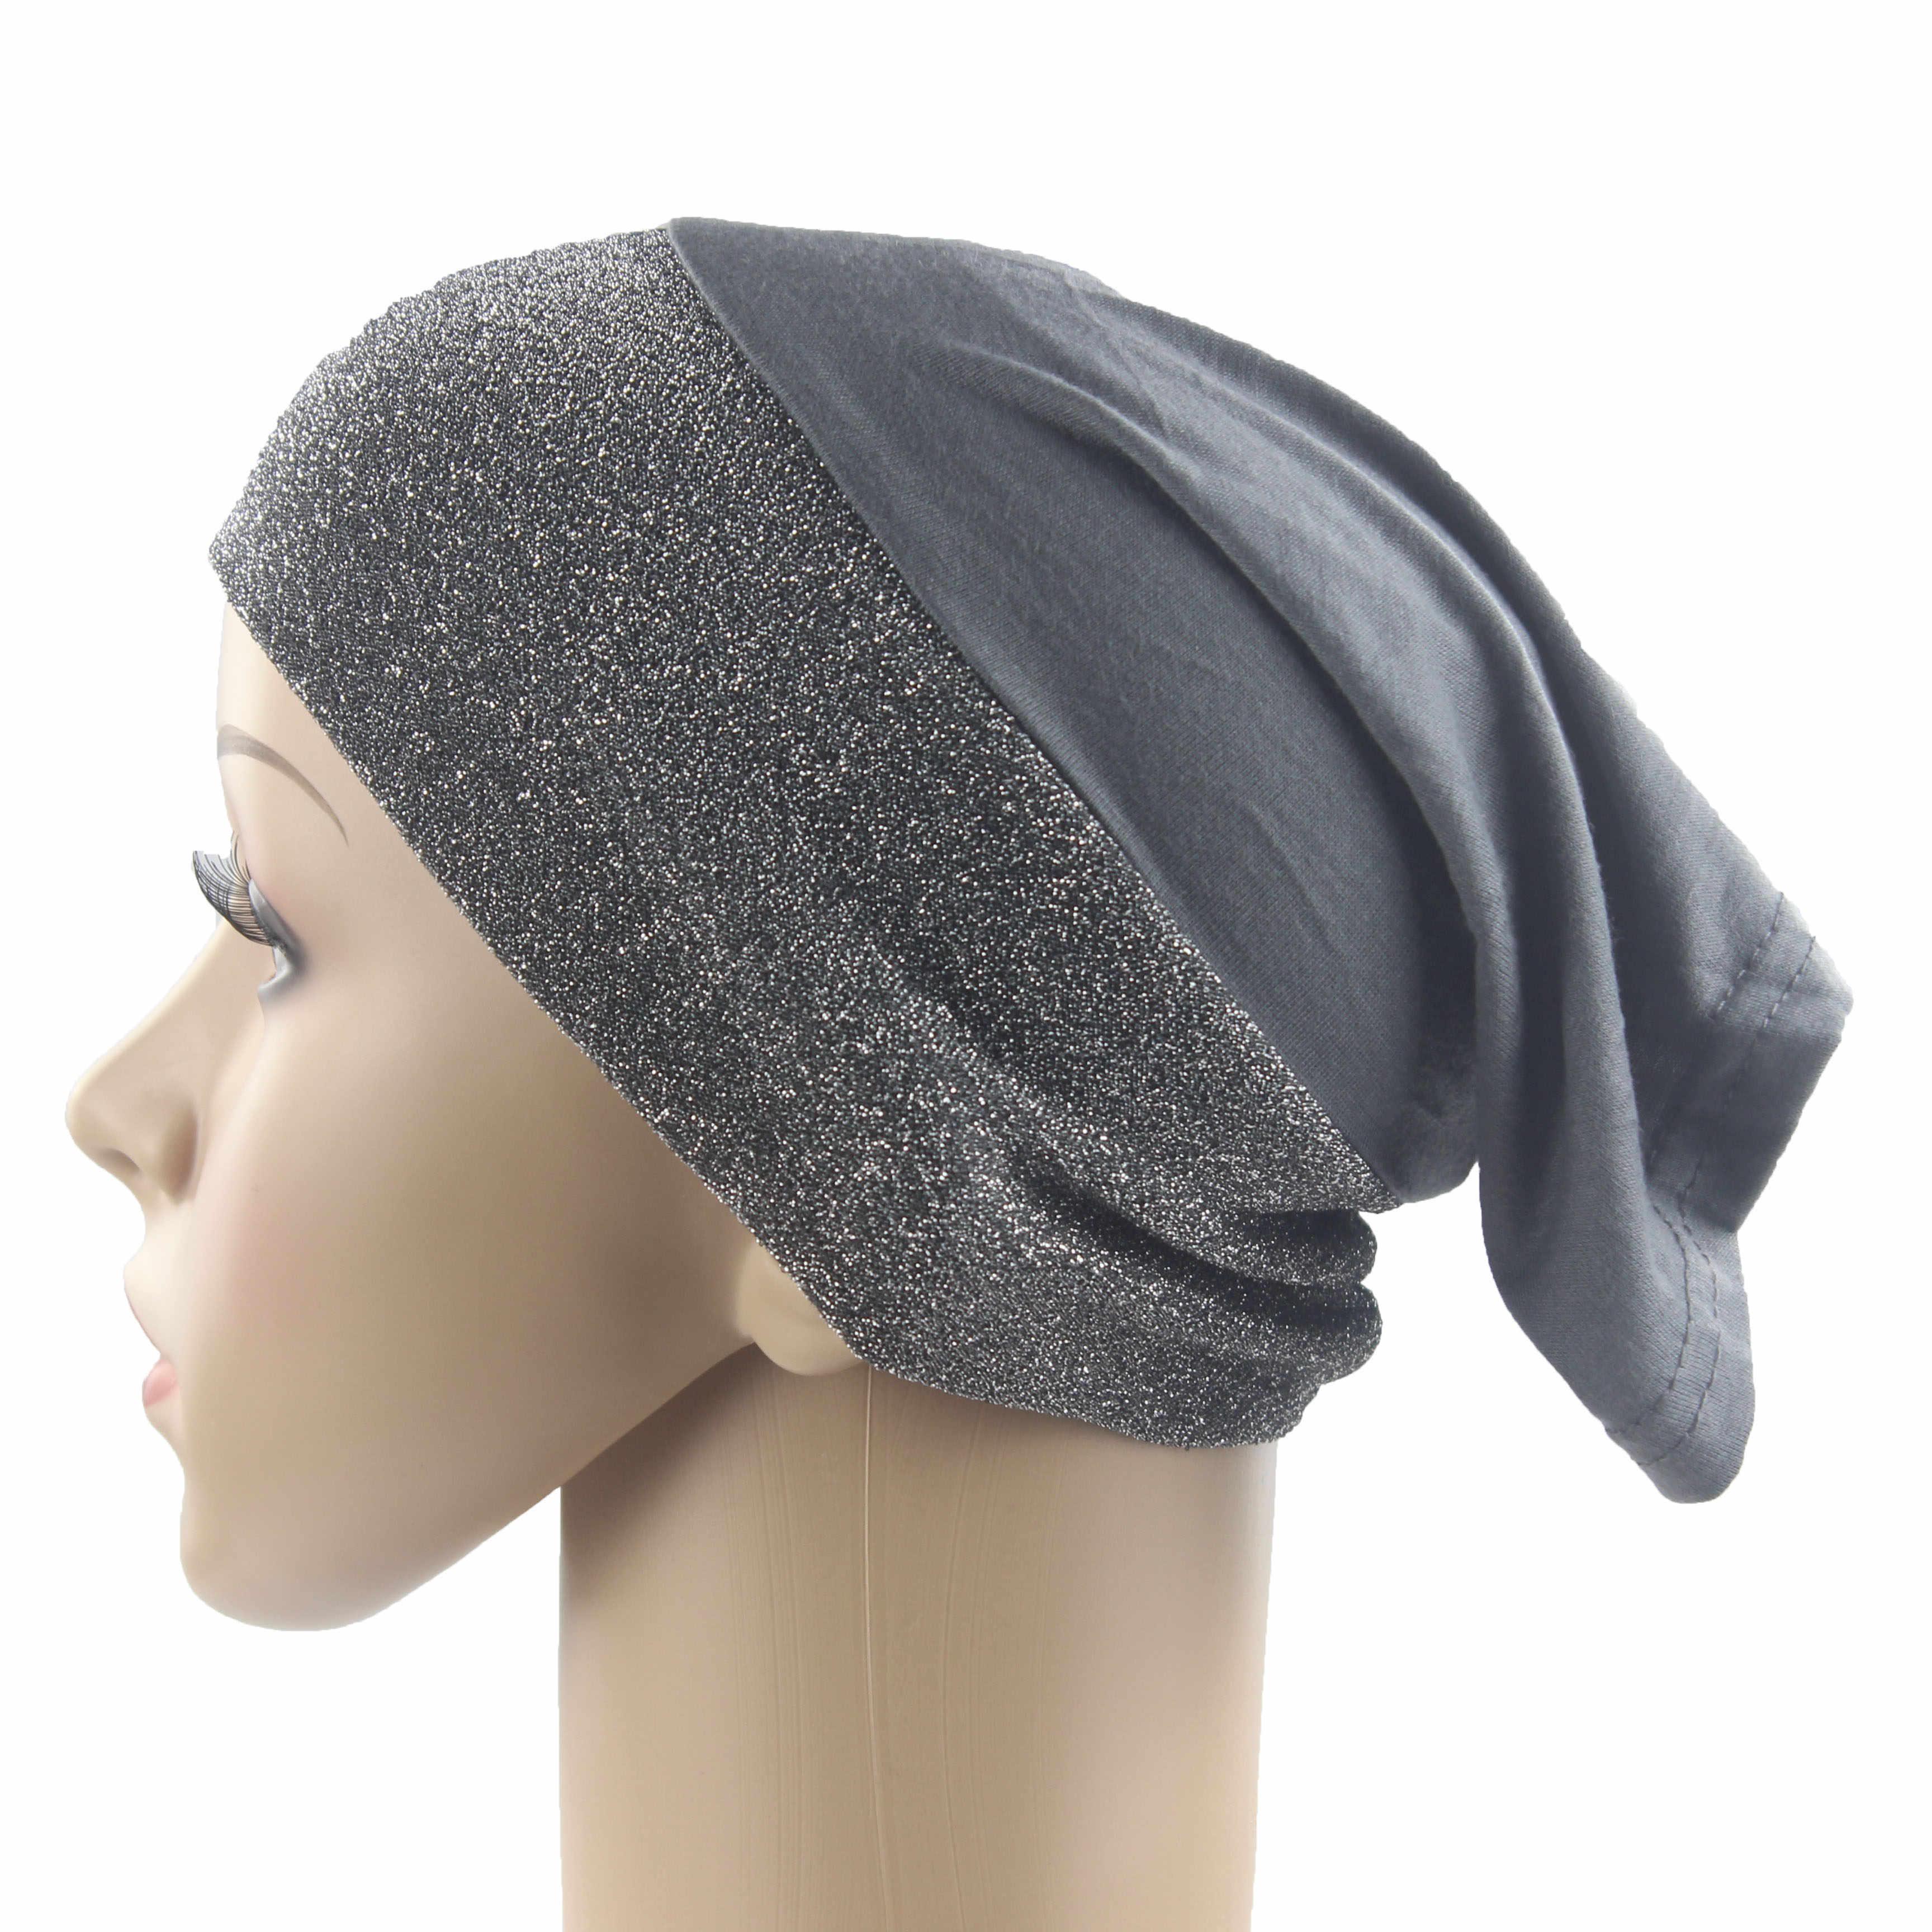 Le Donne musulmane Ragazze Underscarf Cappuccio Interno Cappelli Hijab Islamico Hejab Cuciture In Cotone Shimmer Materiale Molle di Stirata del Commercio All'ingrosso